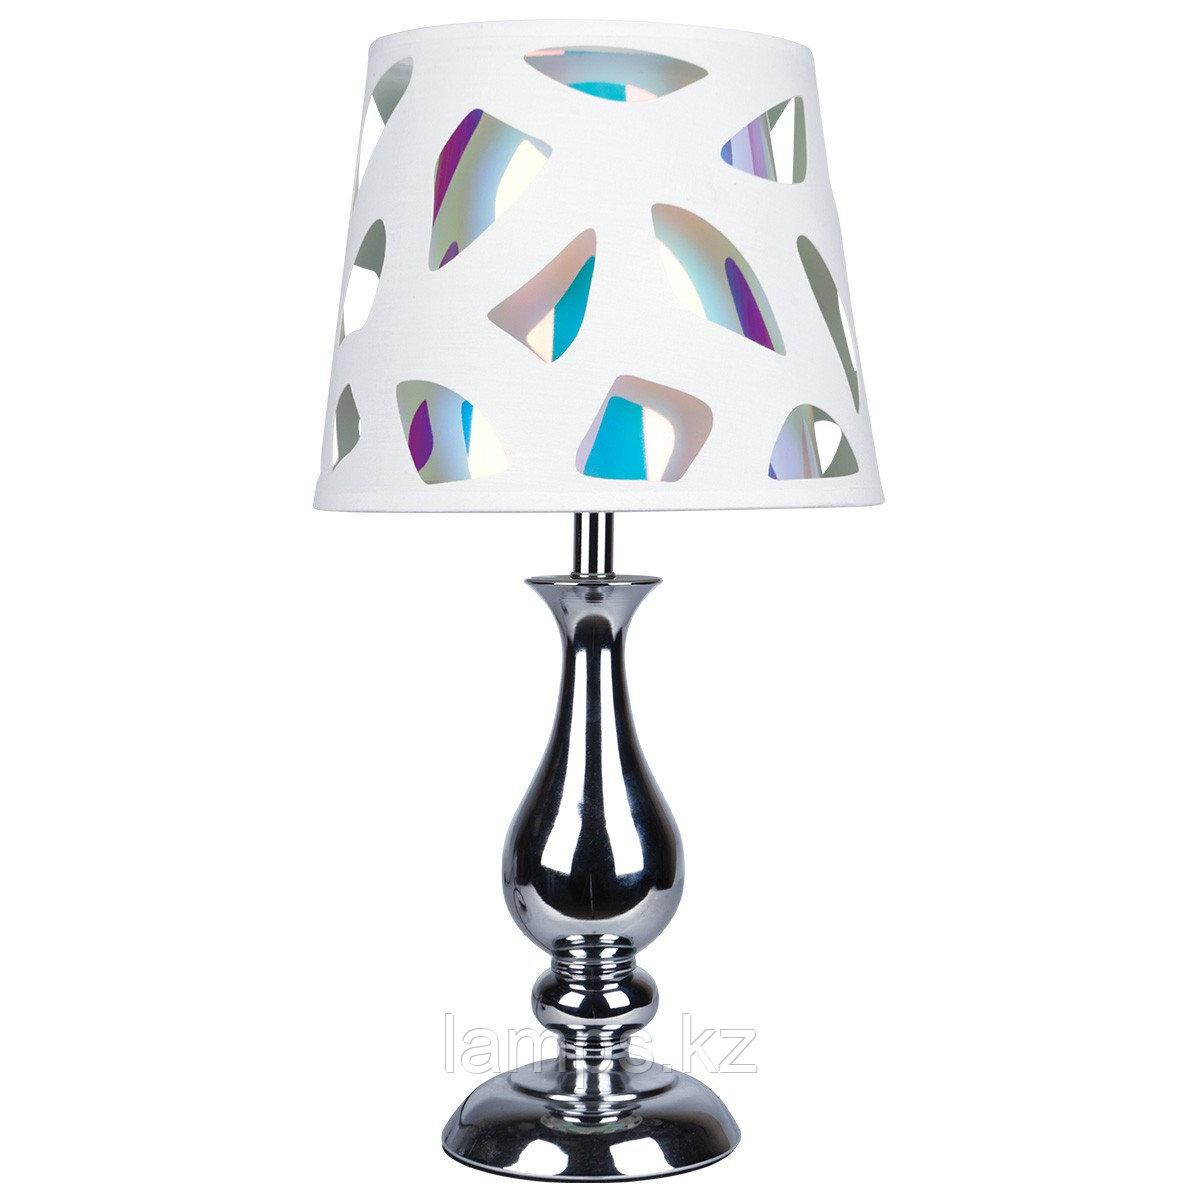 Настольная лампа T0013 LASER CUTTING WH